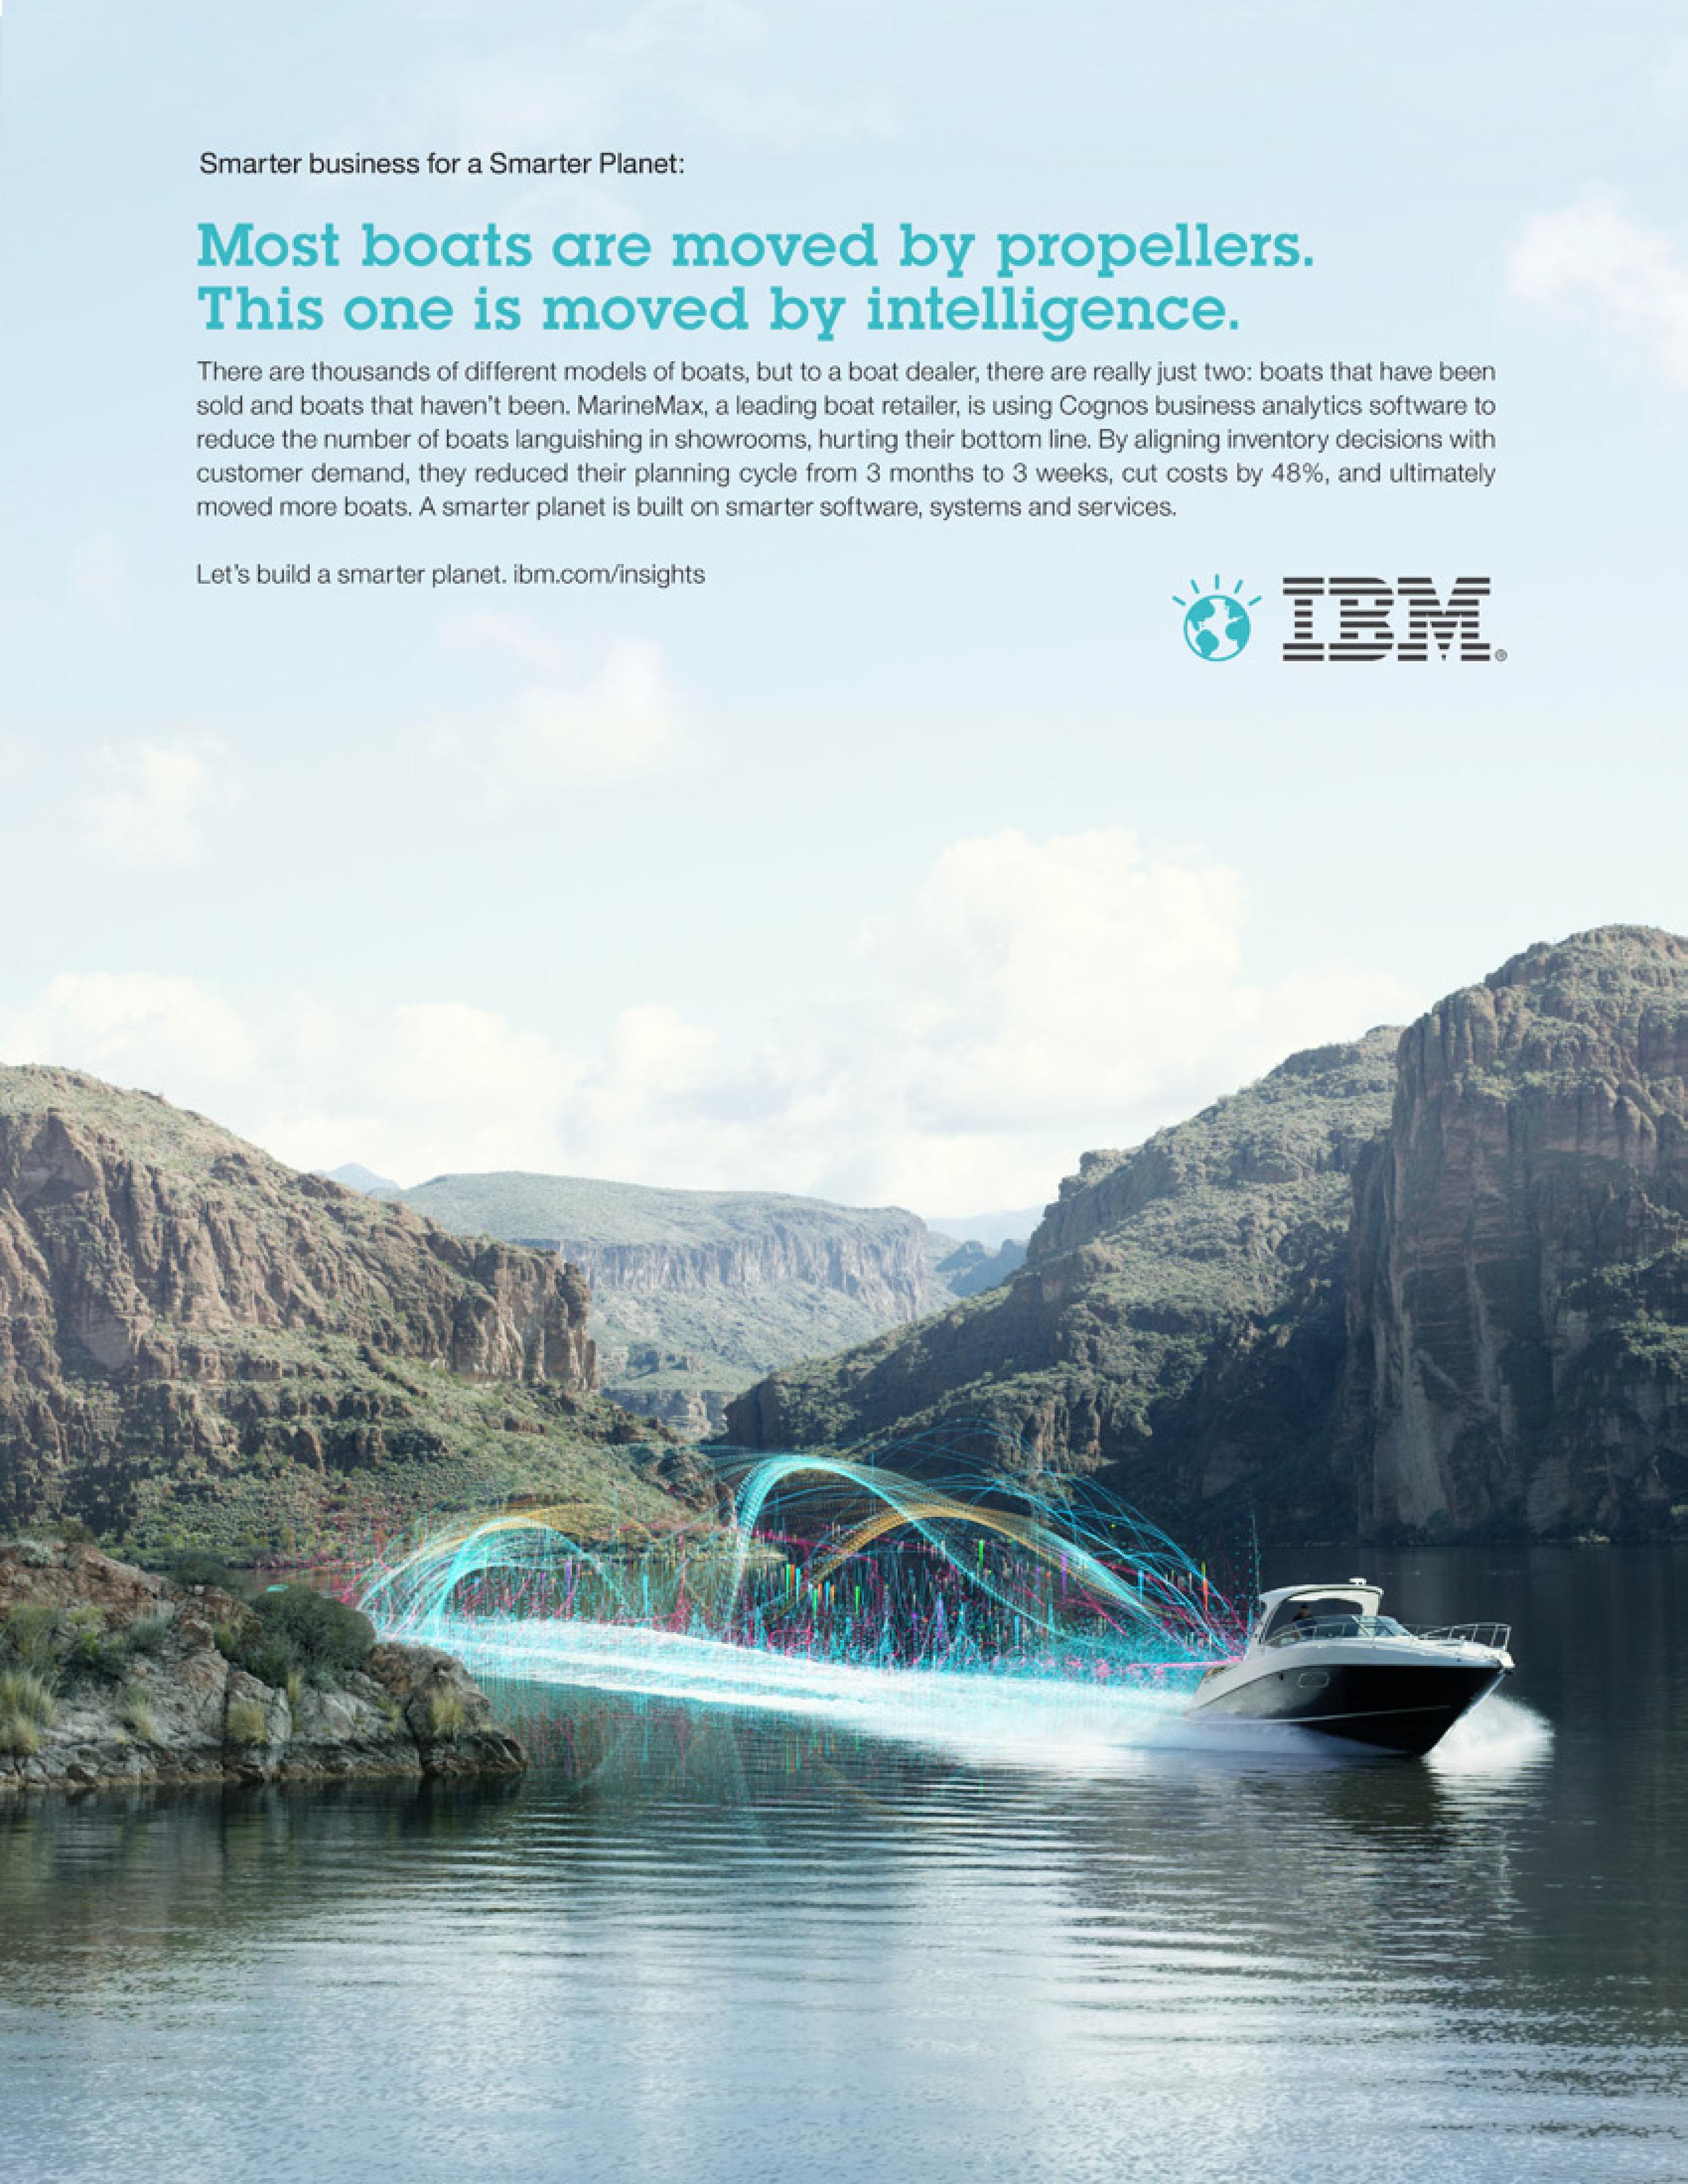 IBM_marinemax.jpg